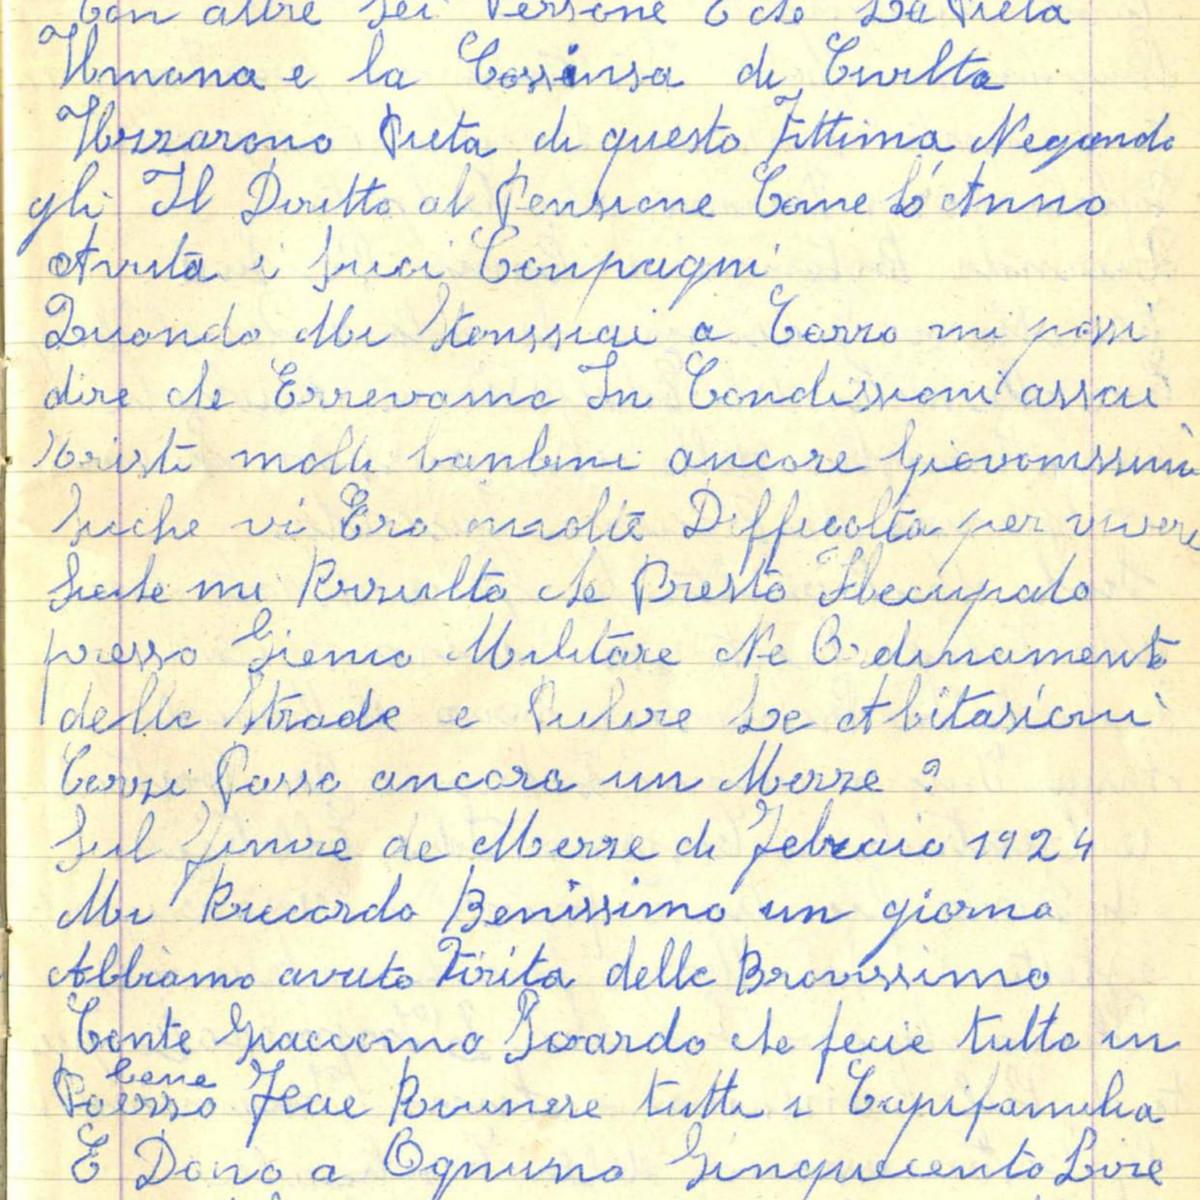 Lettera di Bettineschi Giovanmaria di Tomaso_11